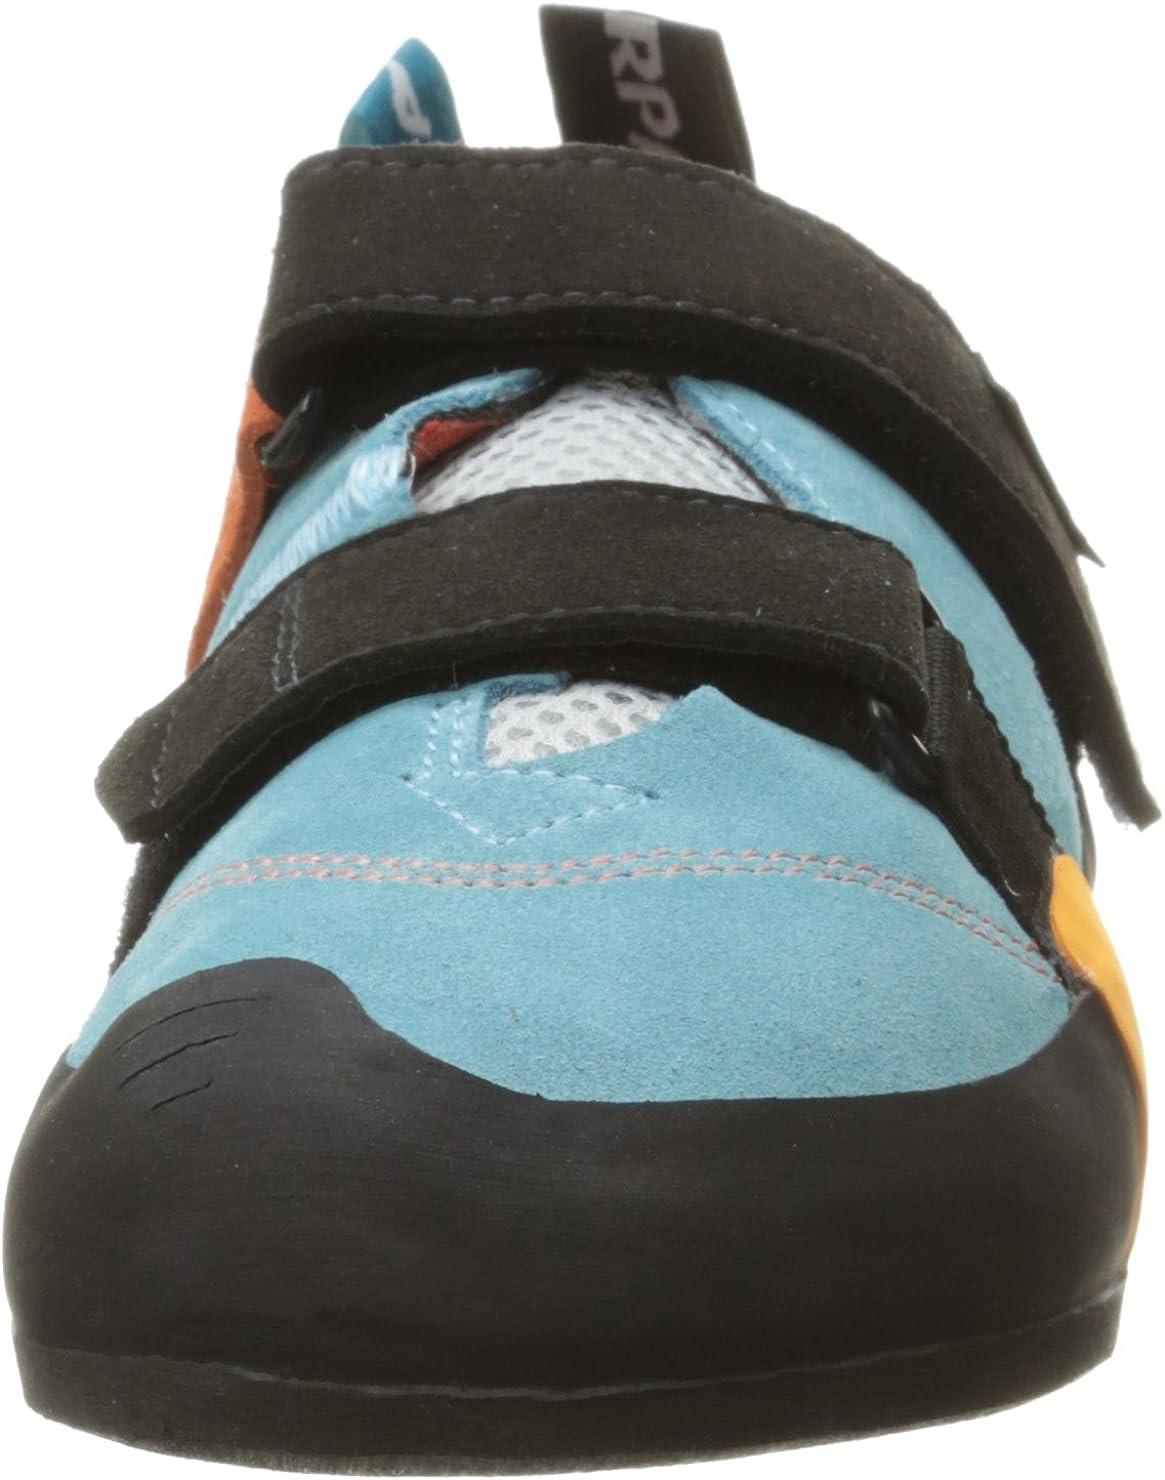 SCARPA Womens Force V WMN Climbing Shoe Ice Fall//Mandarin Red 40.5 EU//8 2//3 M US